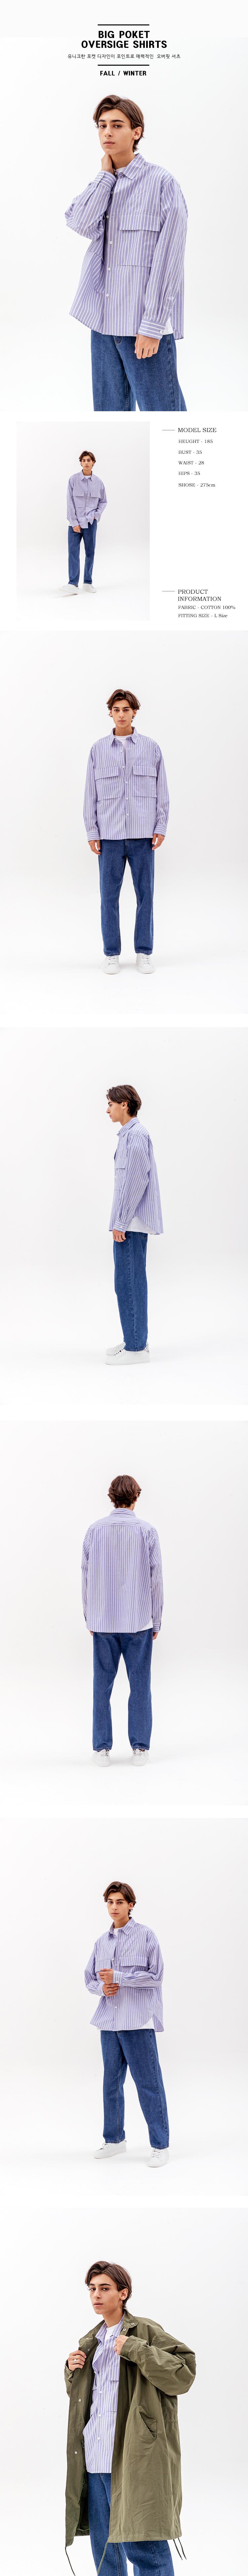 빅포켓 스트라이프 오버핏 셔츠 네이비